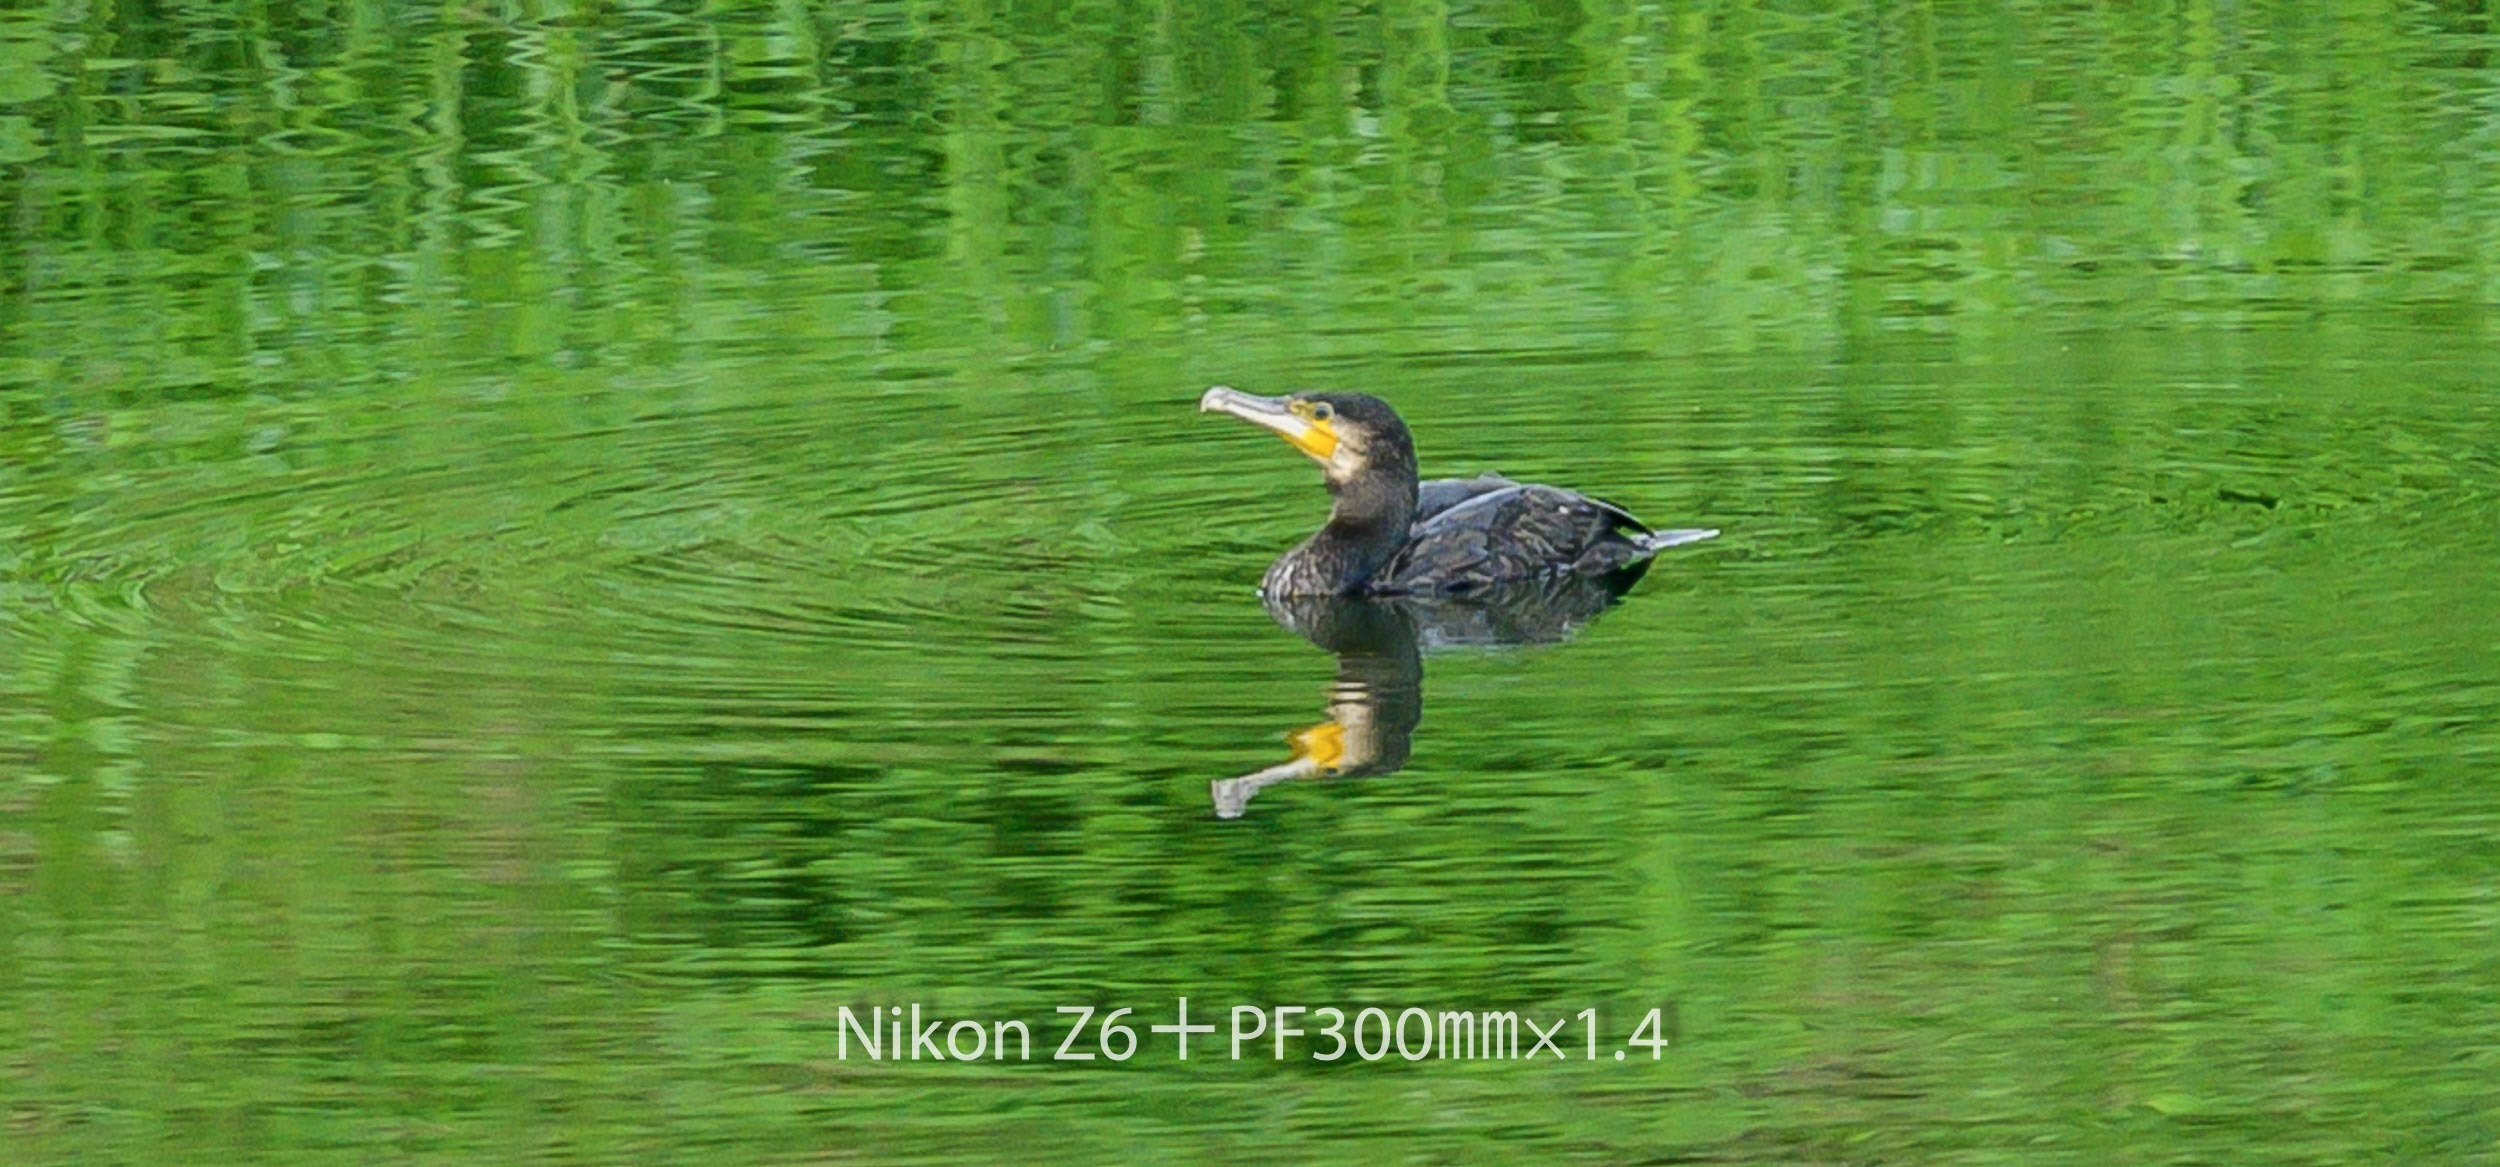 191007 カワウ-01 NIKON Z 6 ISO 720 420 mm 1385 x 646